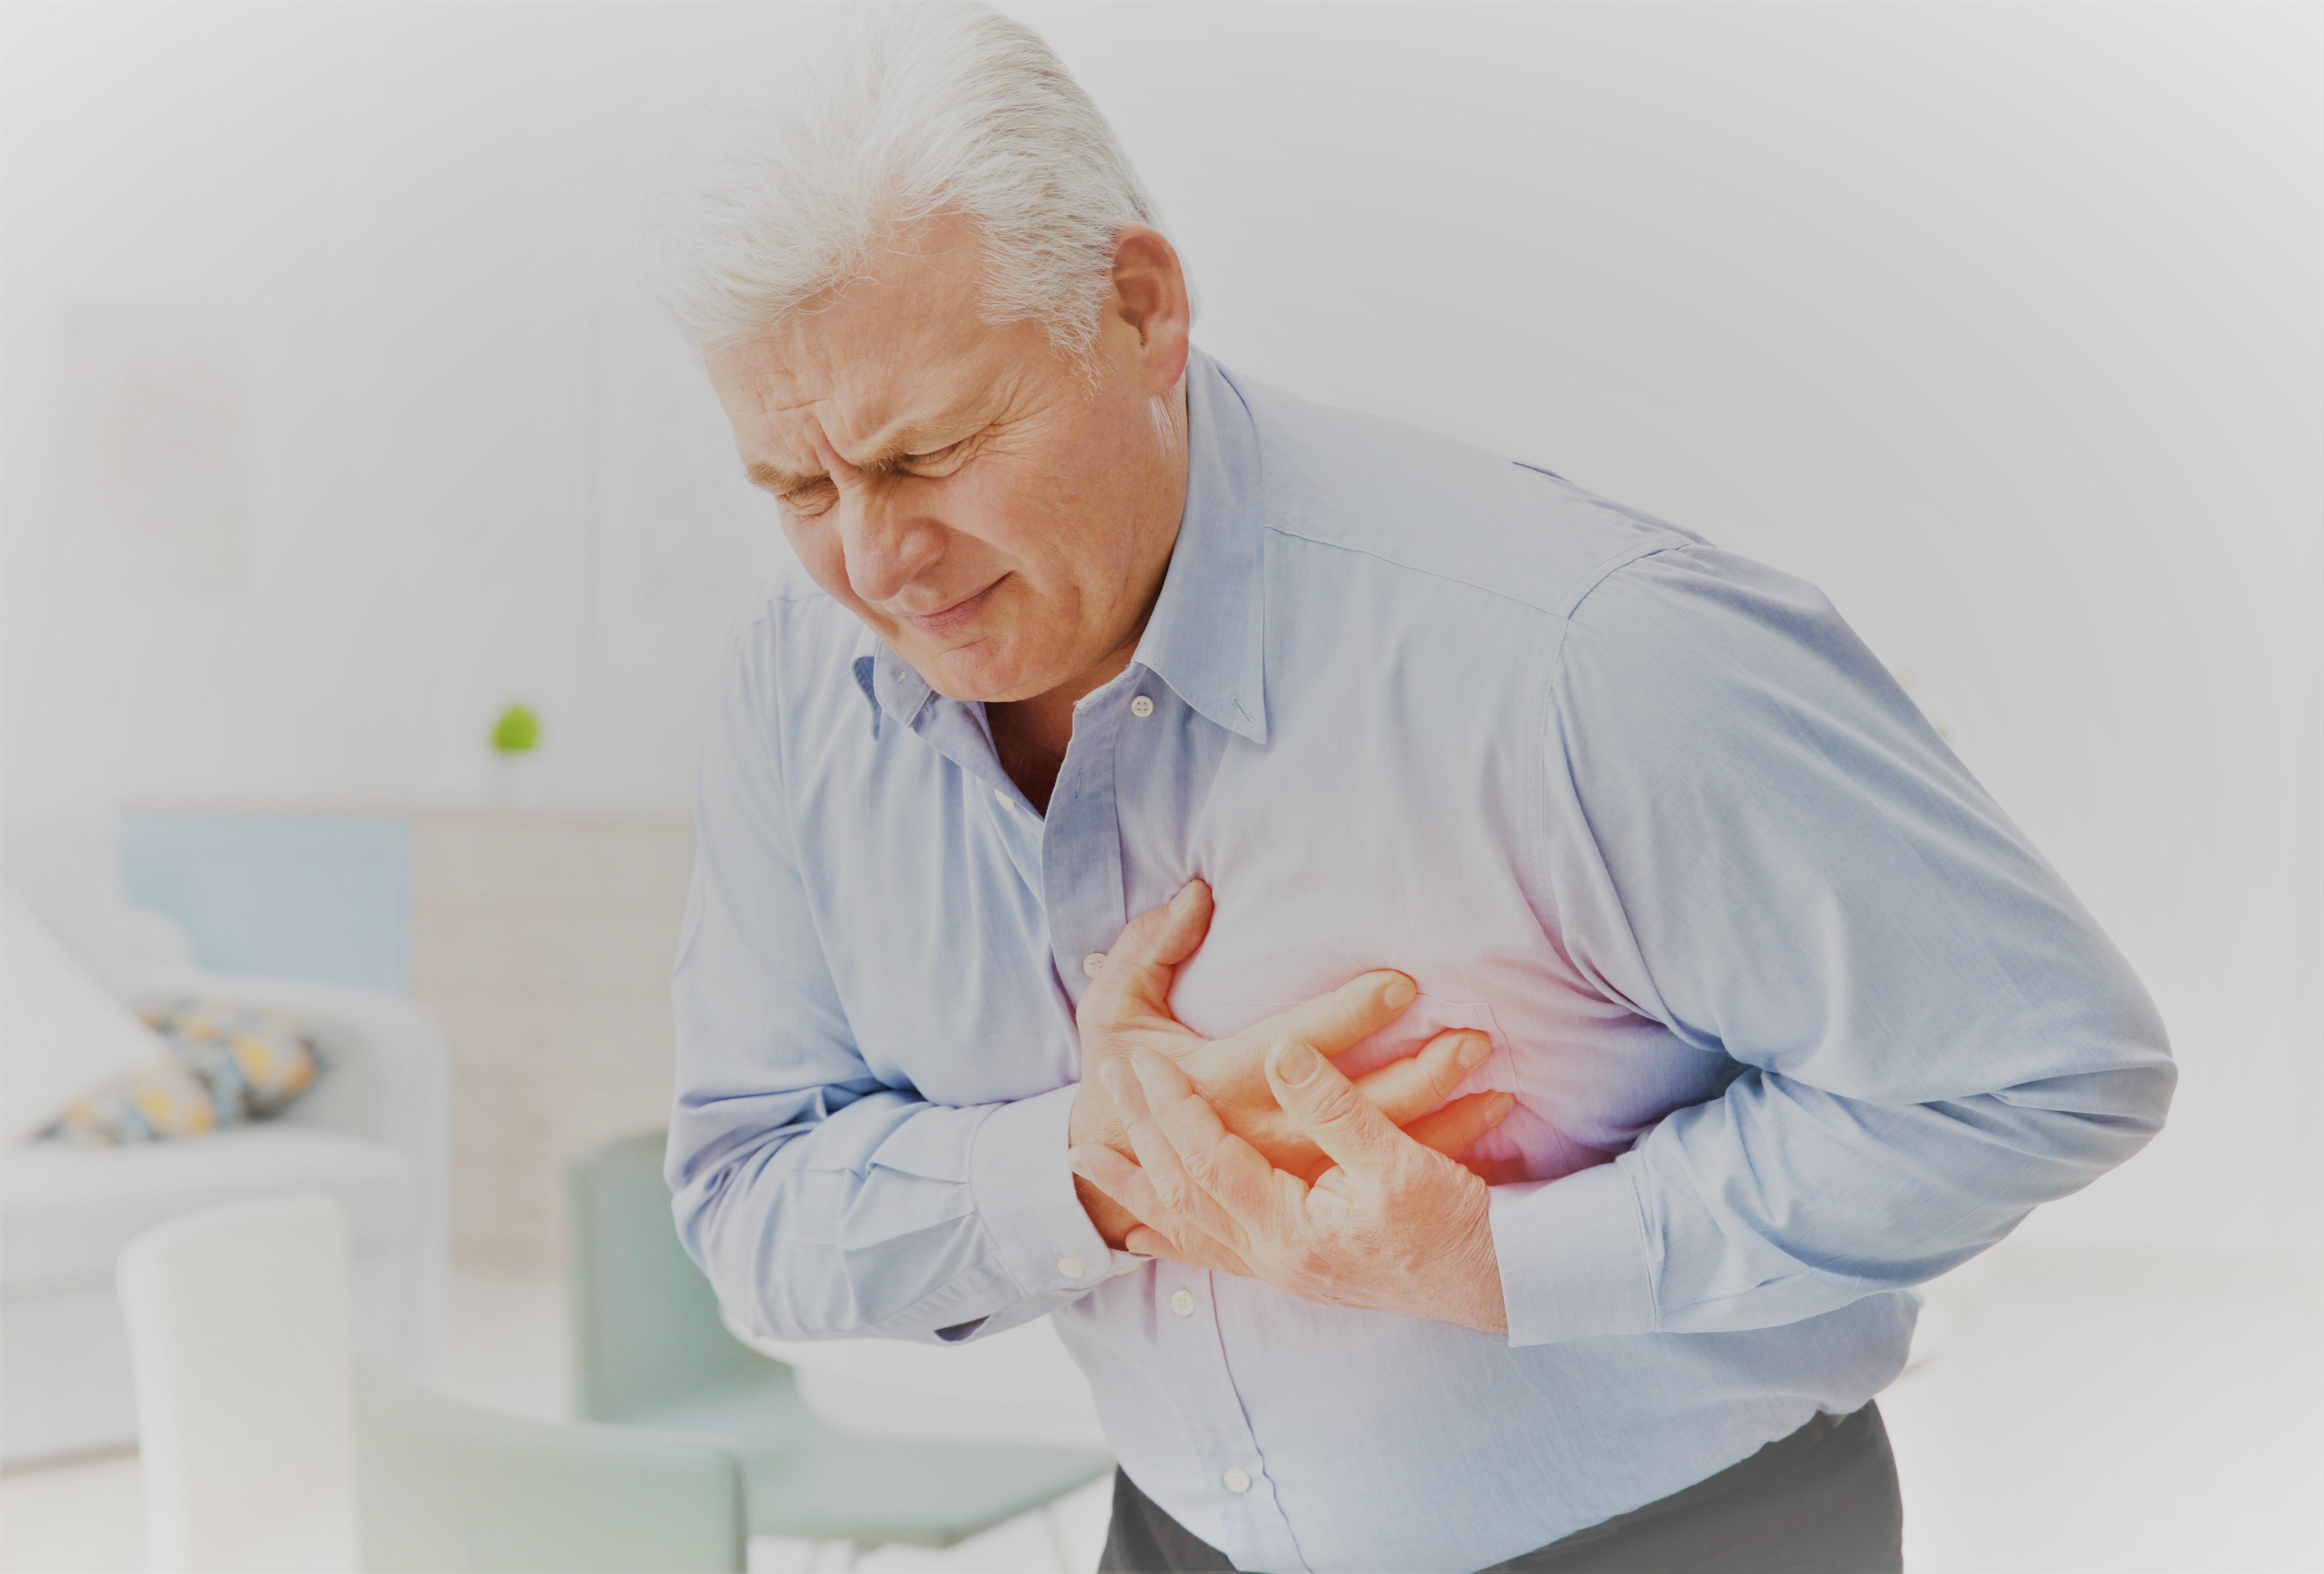 gyakorlat artrózis kezelésére